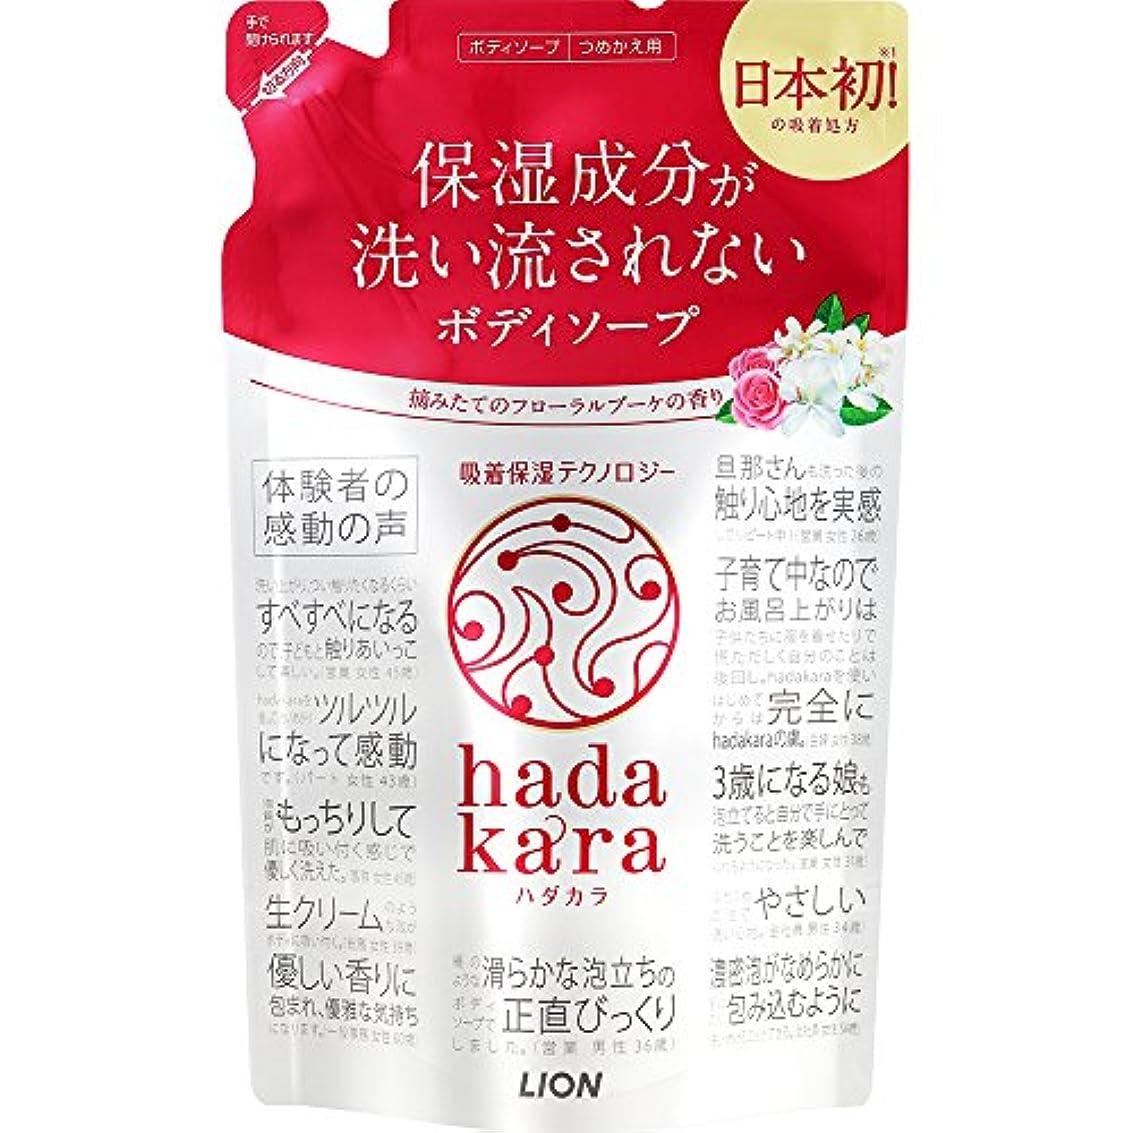 ミスレポートを書くお嬢hadakara(ハダカラ) ボディソープ フローラルブーケの香り 詰め替え 360ml